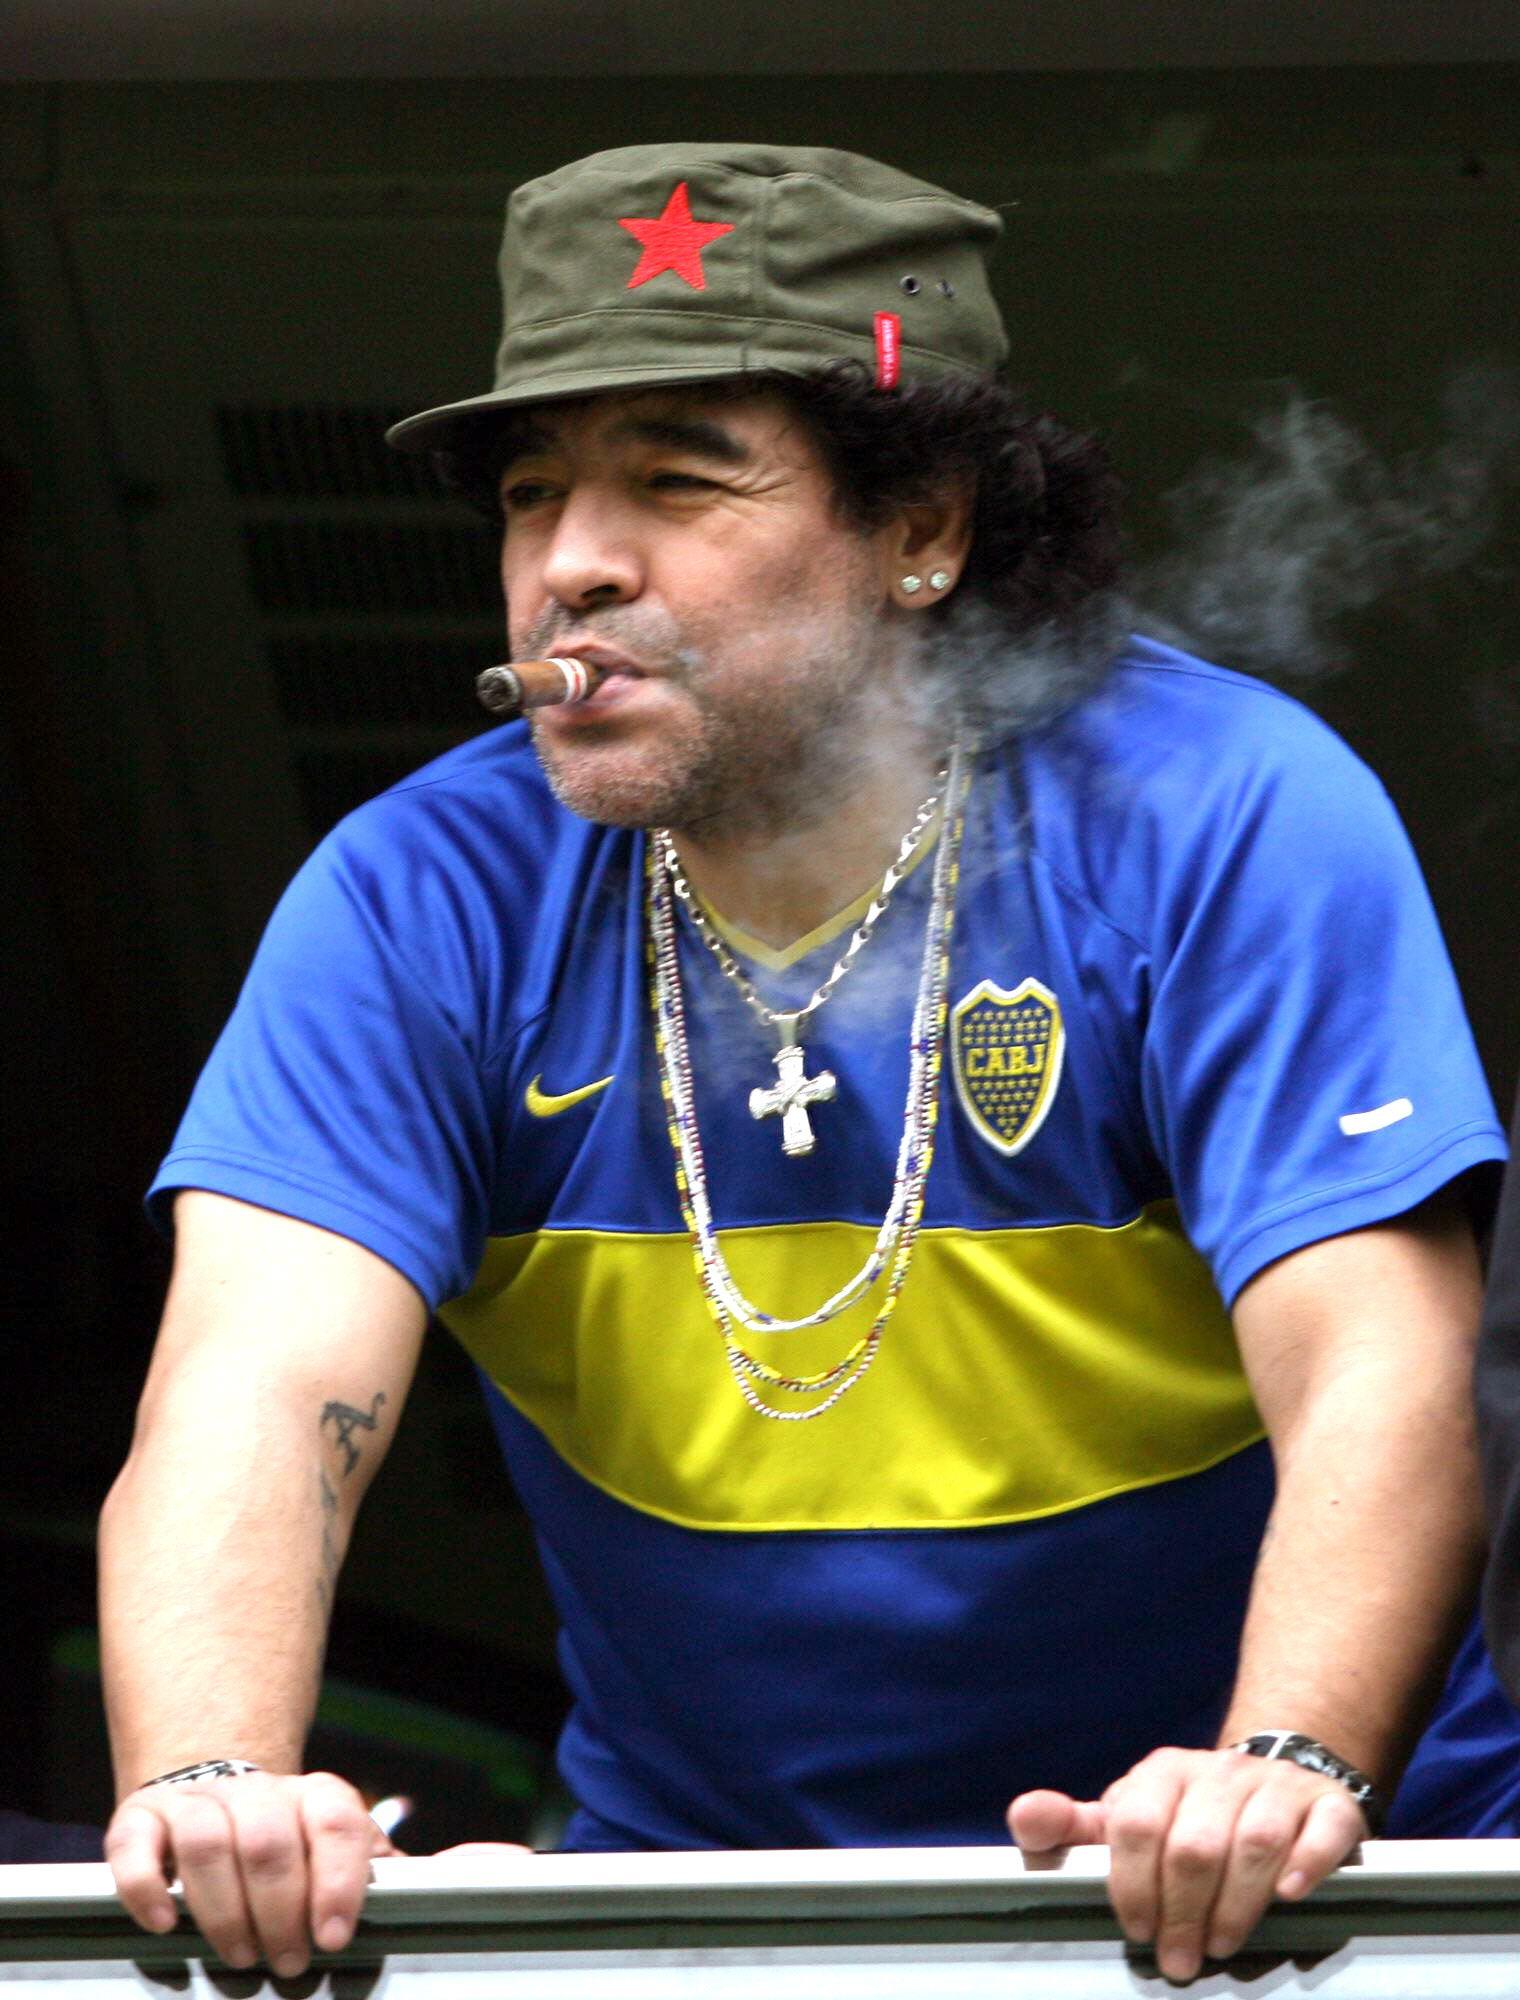 مارادونا : لولا المخدرات كنت سأصبح  افضل من لعب كرة قدم